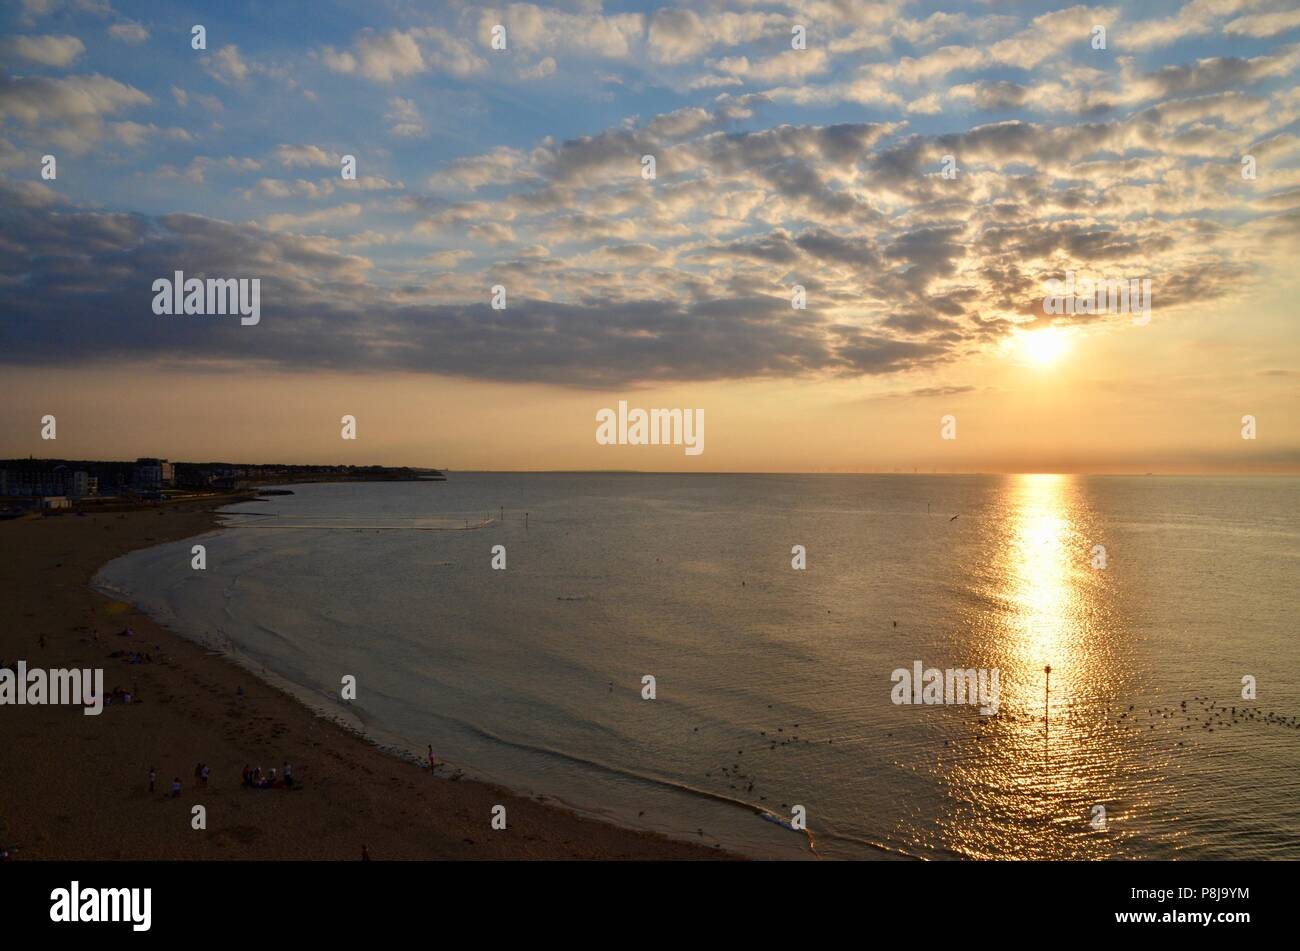 Les couchers de soleil sur le port et la plage de margate kent UK Photo Stock